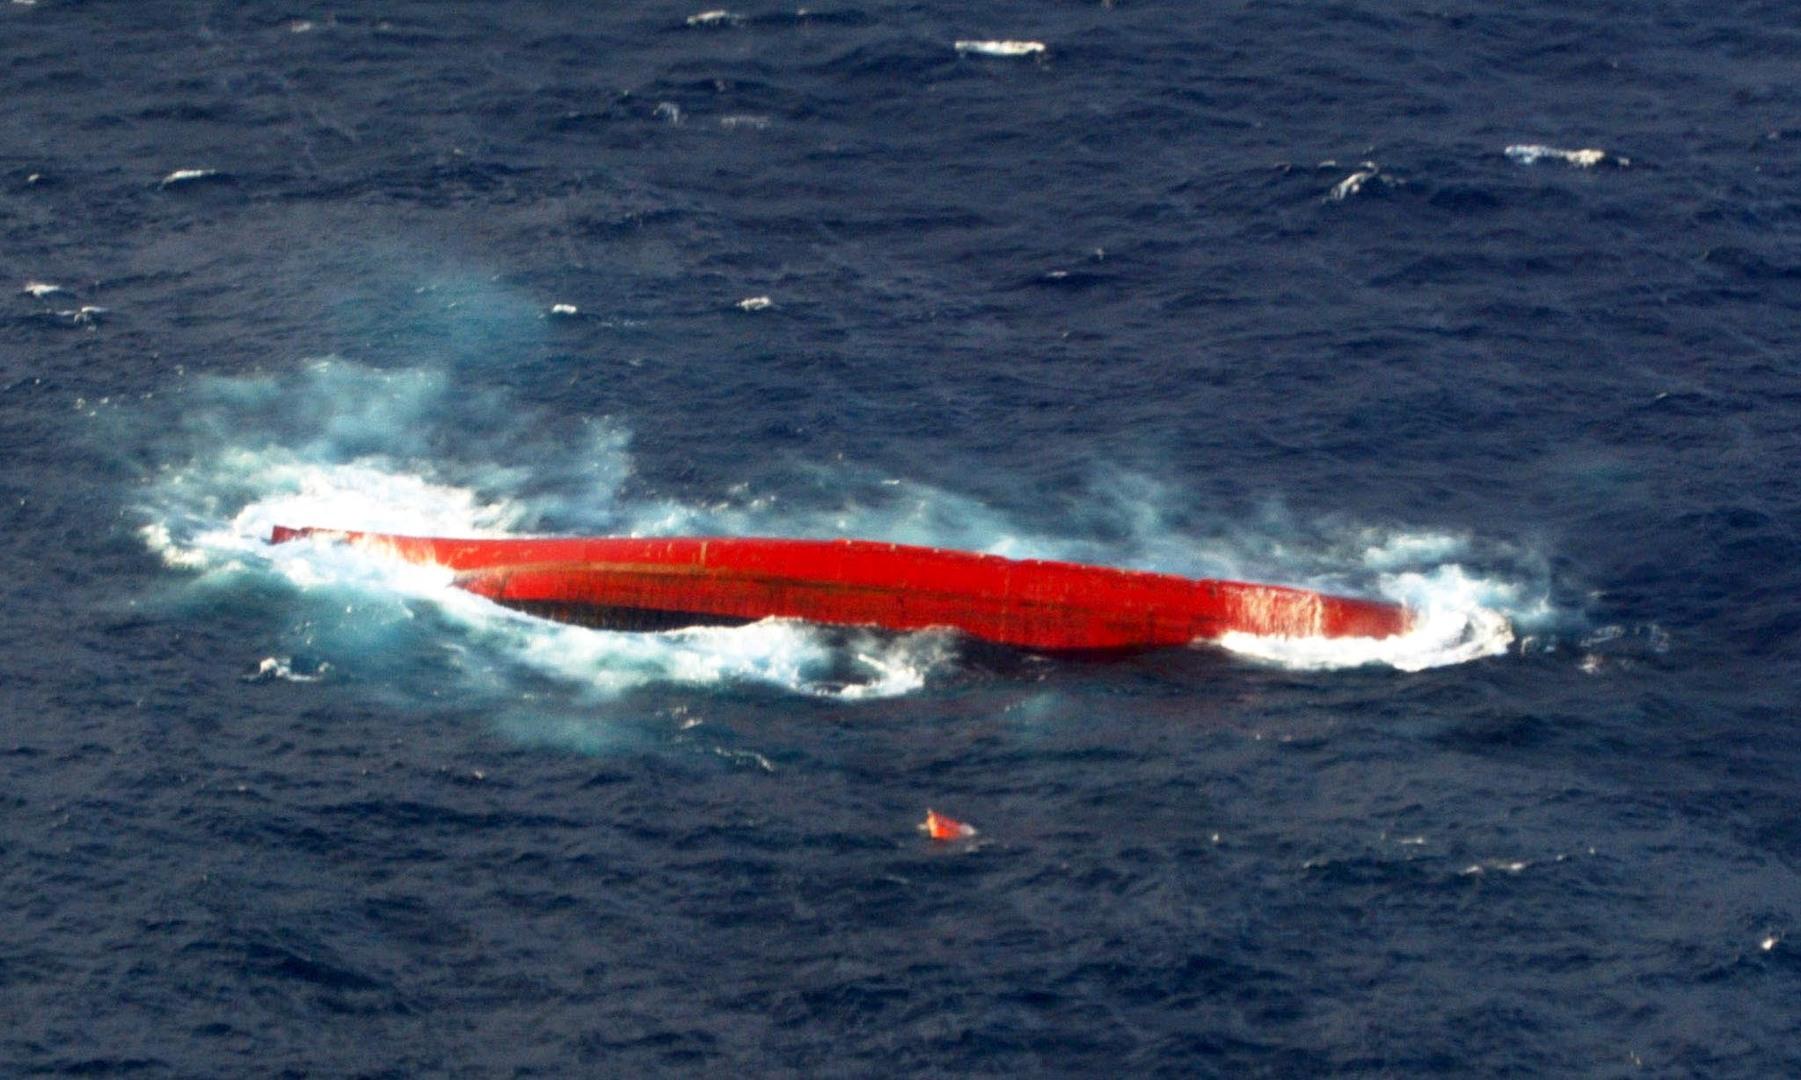 غرق سفينة شحن قبالة اليابان على متنها 43 شخصا و6000 بقرة